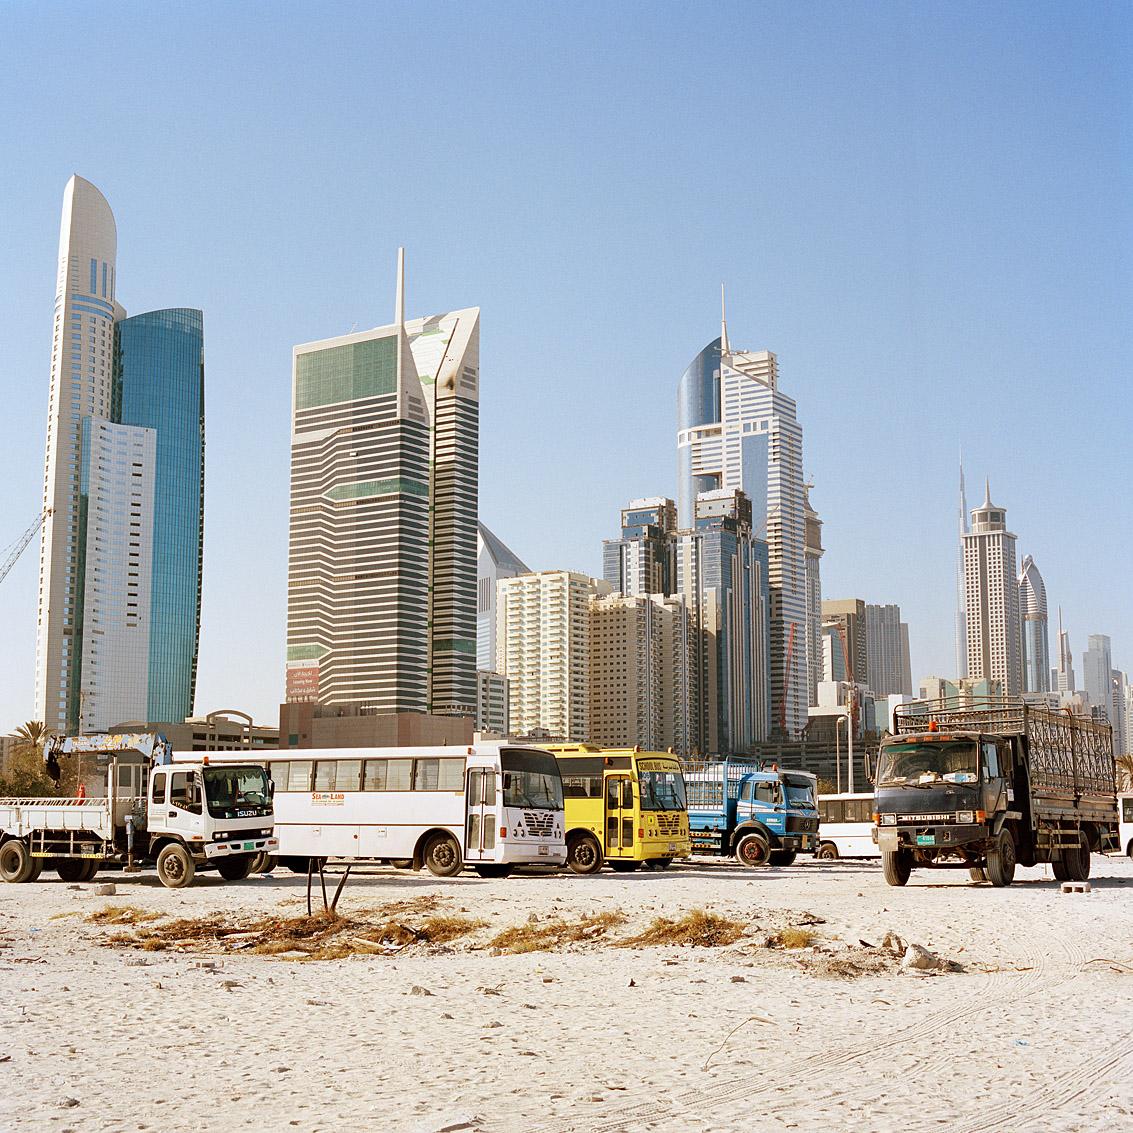 Le centre des affaires de Dubaï vu depuis le quartier résidentiel de Satwa.